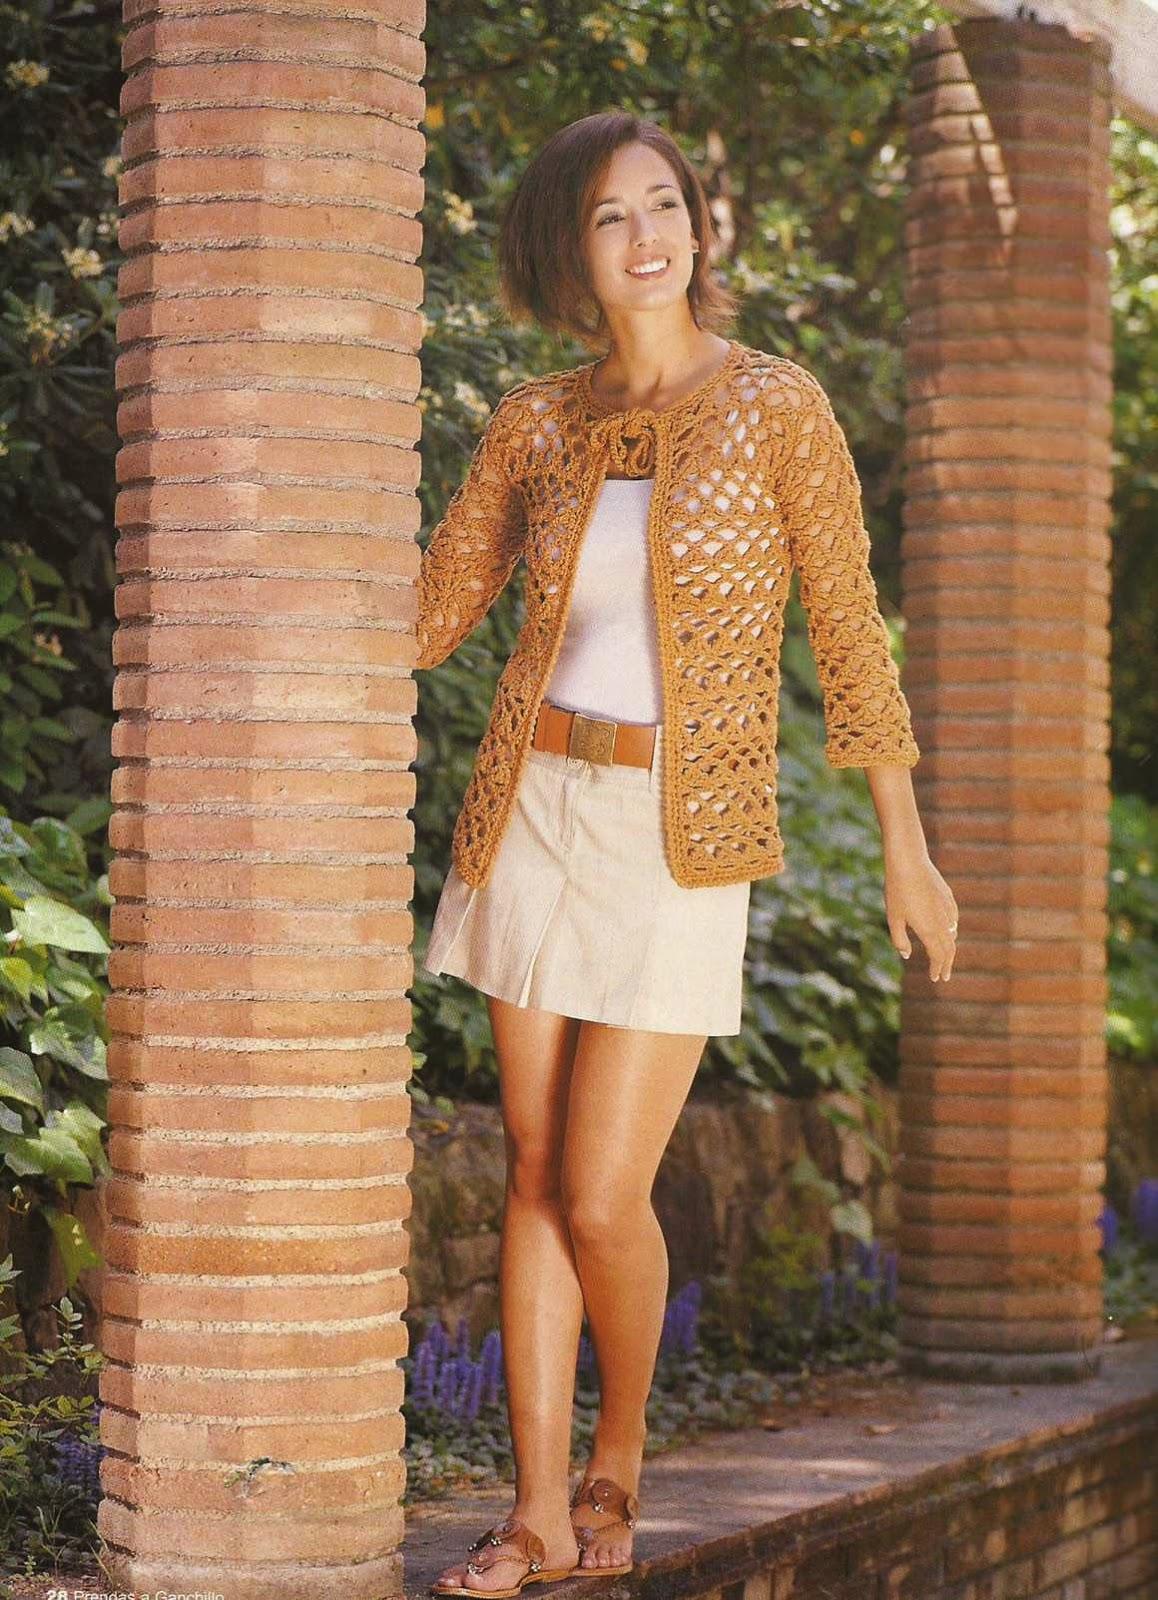 #12 Chaqueta Naranja a Crochet